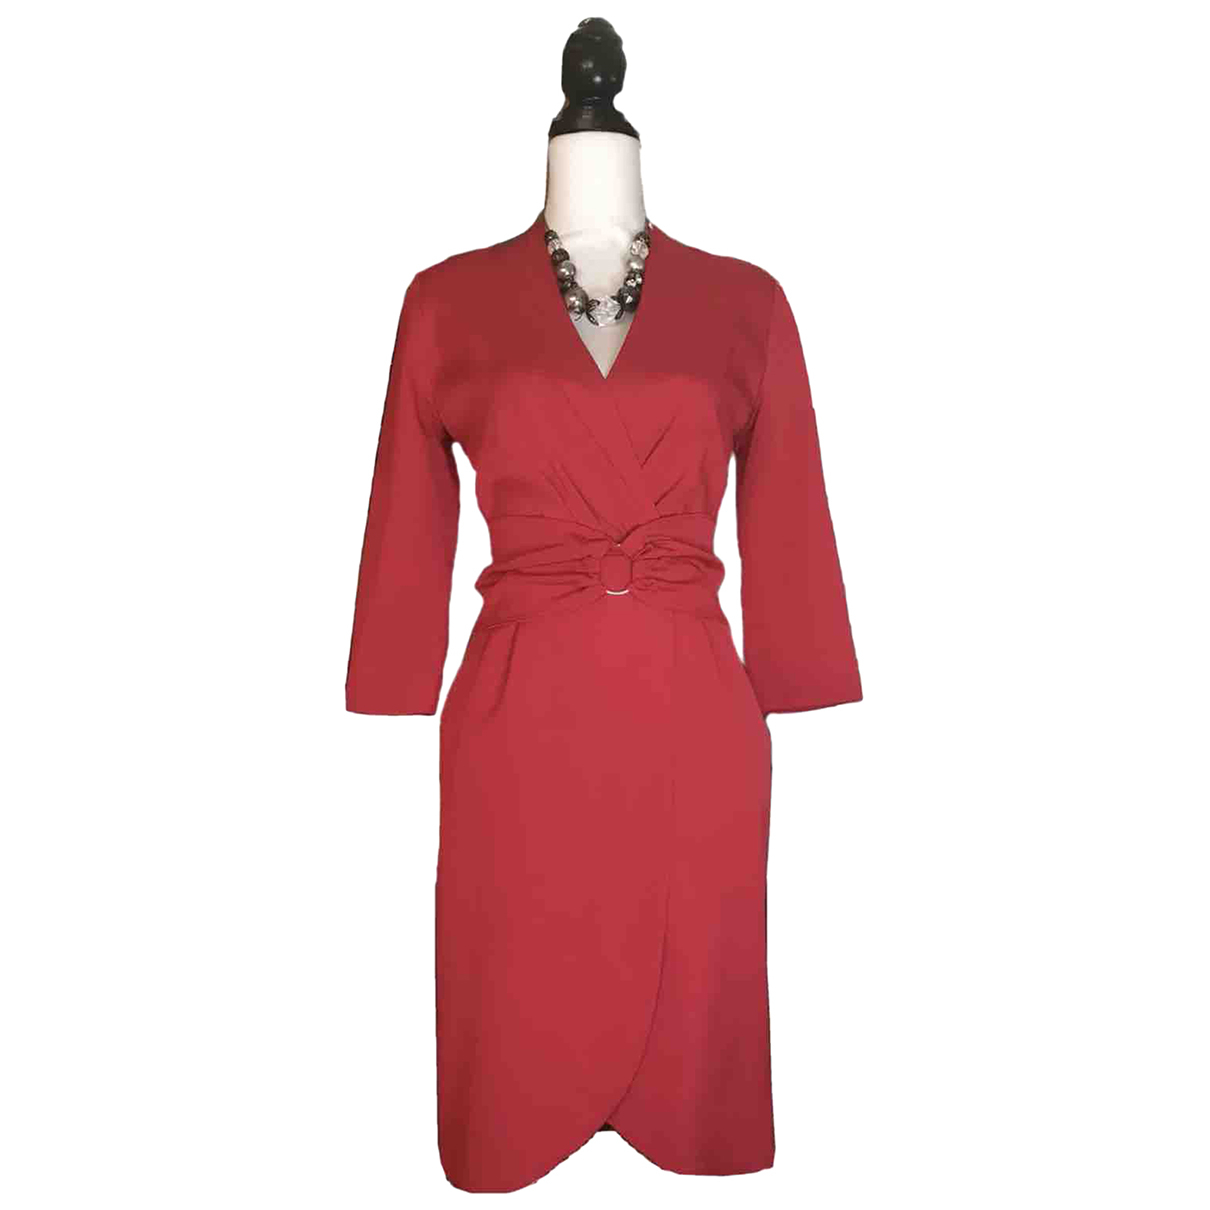 Reiss \N Kleid in  Rot Viskose